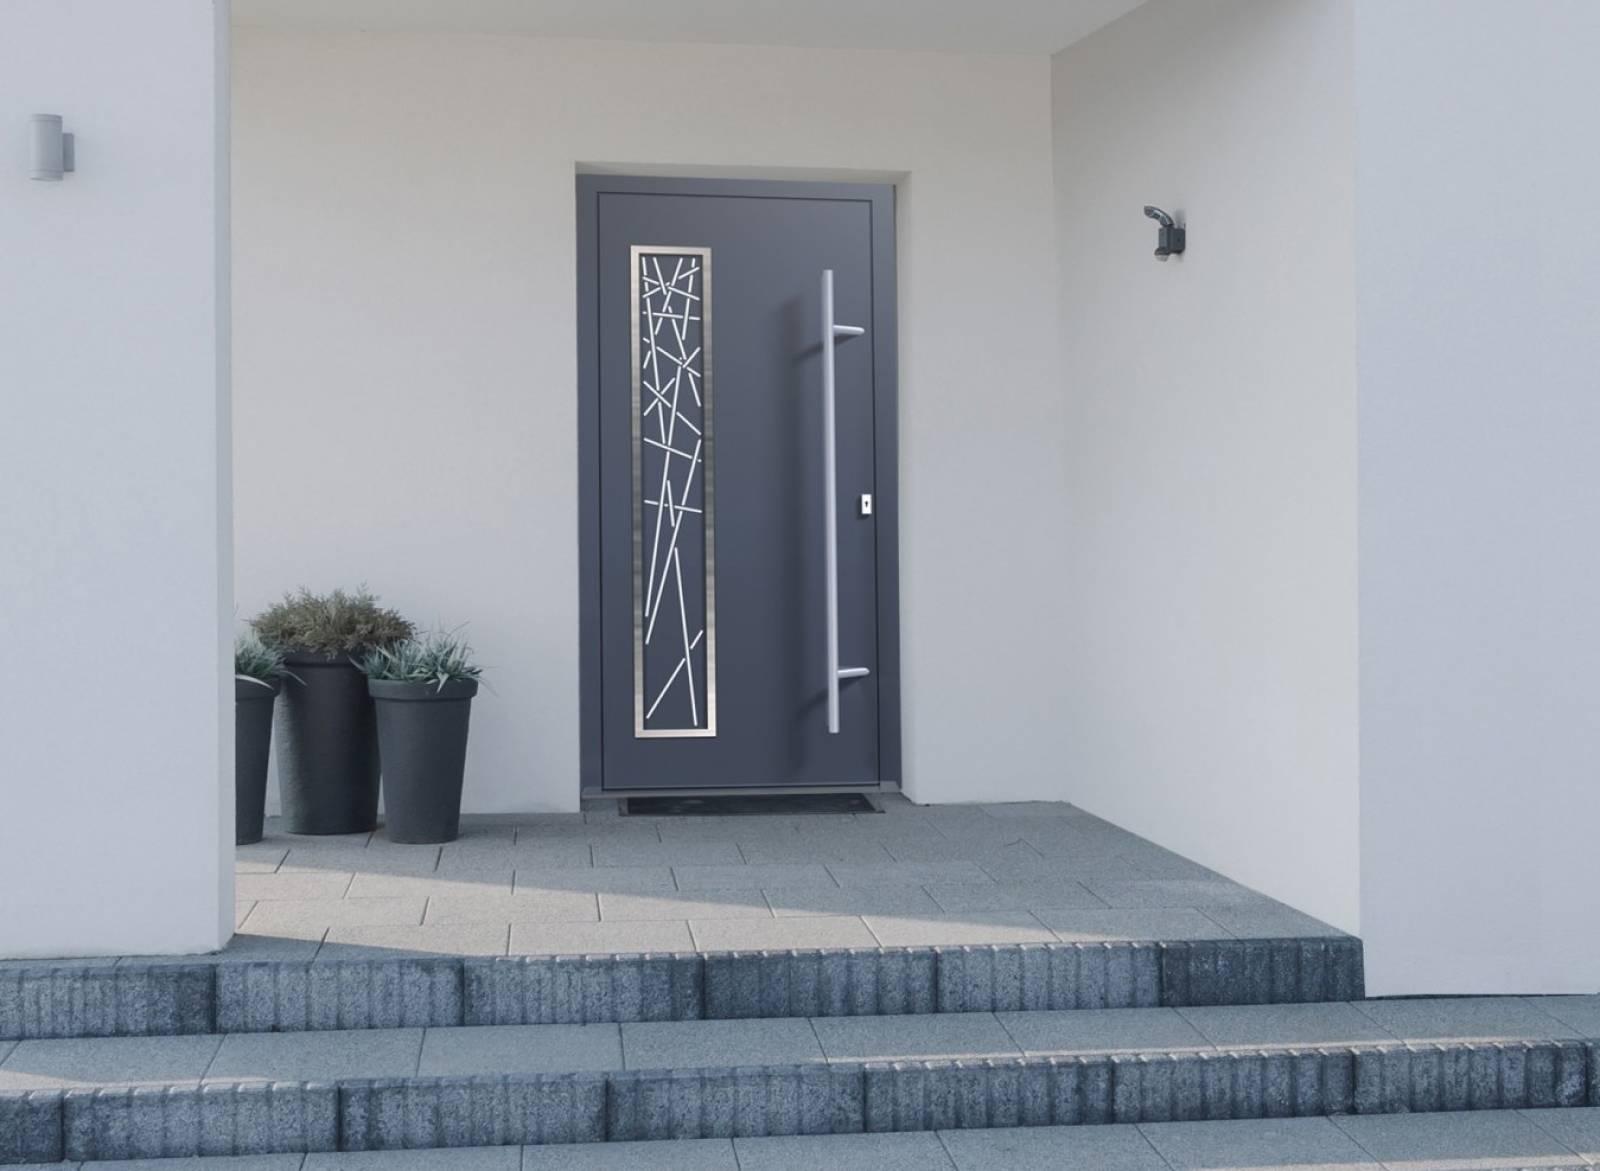 pose porte d entr e sur mesure aubagne entreprise de menuiserie alu et pvc marseille. Black Bedroom Furniture Sets. Home Design Ideas